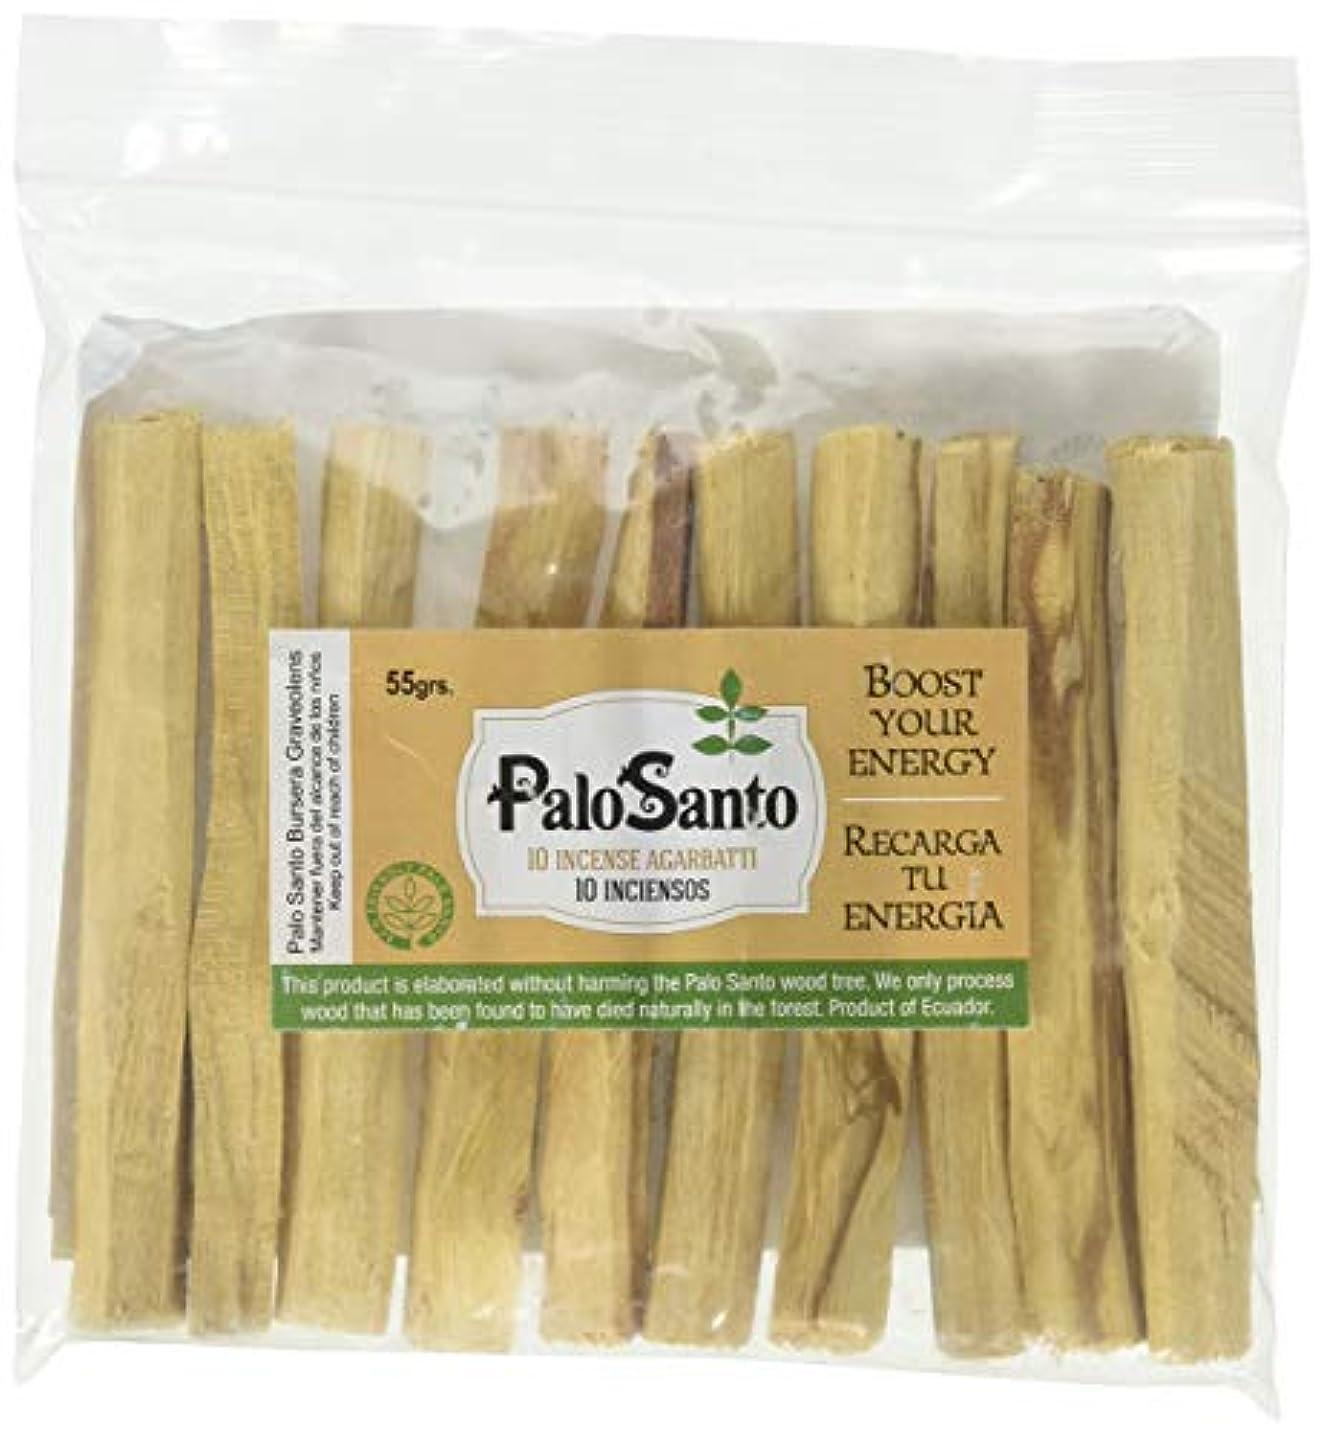 リスキーな脇にクローゼットプレミアムAuthenticエクアドルkiln-dried Palo Santo ( Holy Wood ) Insence Sticks ( 10 )、野生の収穫、100 %自然のPurifying、クレンジング、ヒーリング、瞑想とStress Relief